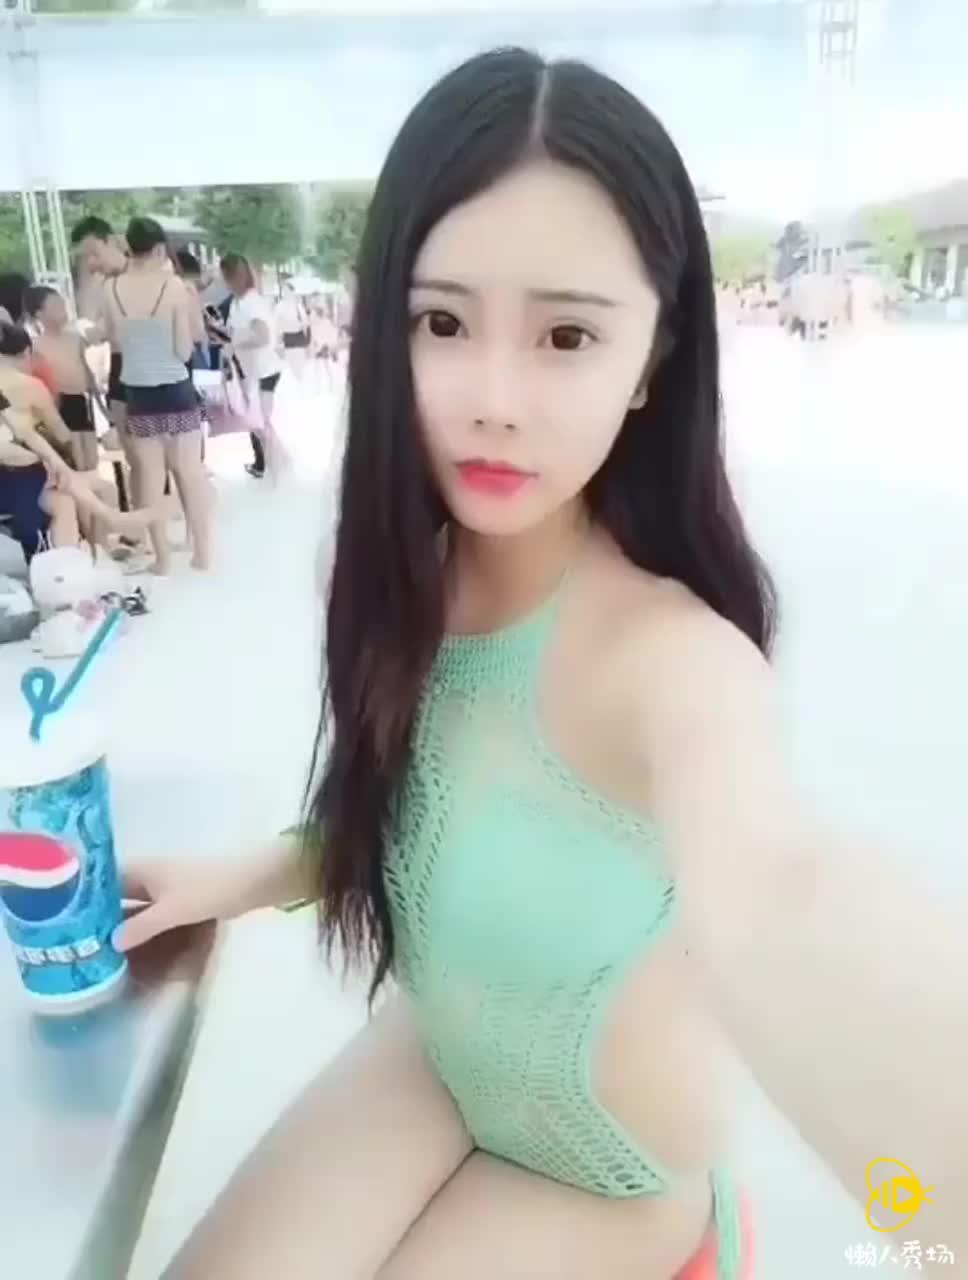 边喝可乐边自拍美女性感泳装海边比基